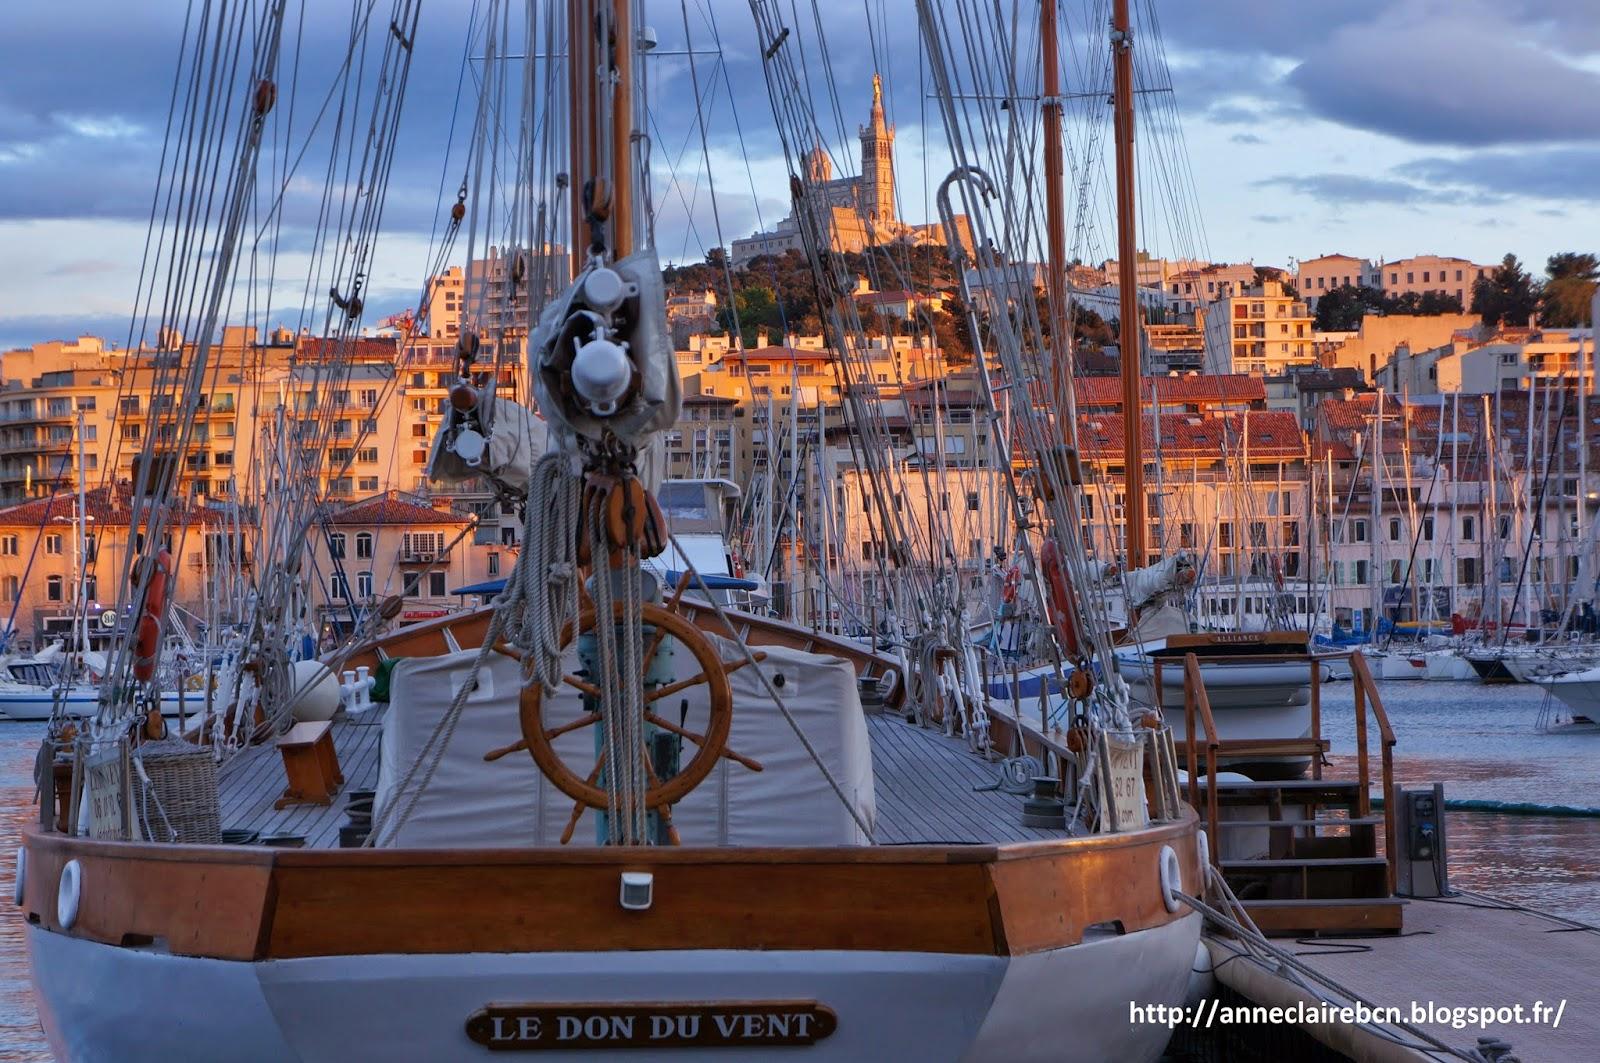 Anneclairebcn un week end marseille 1 le vieux port - Office du tourisme marseille vieux port ...